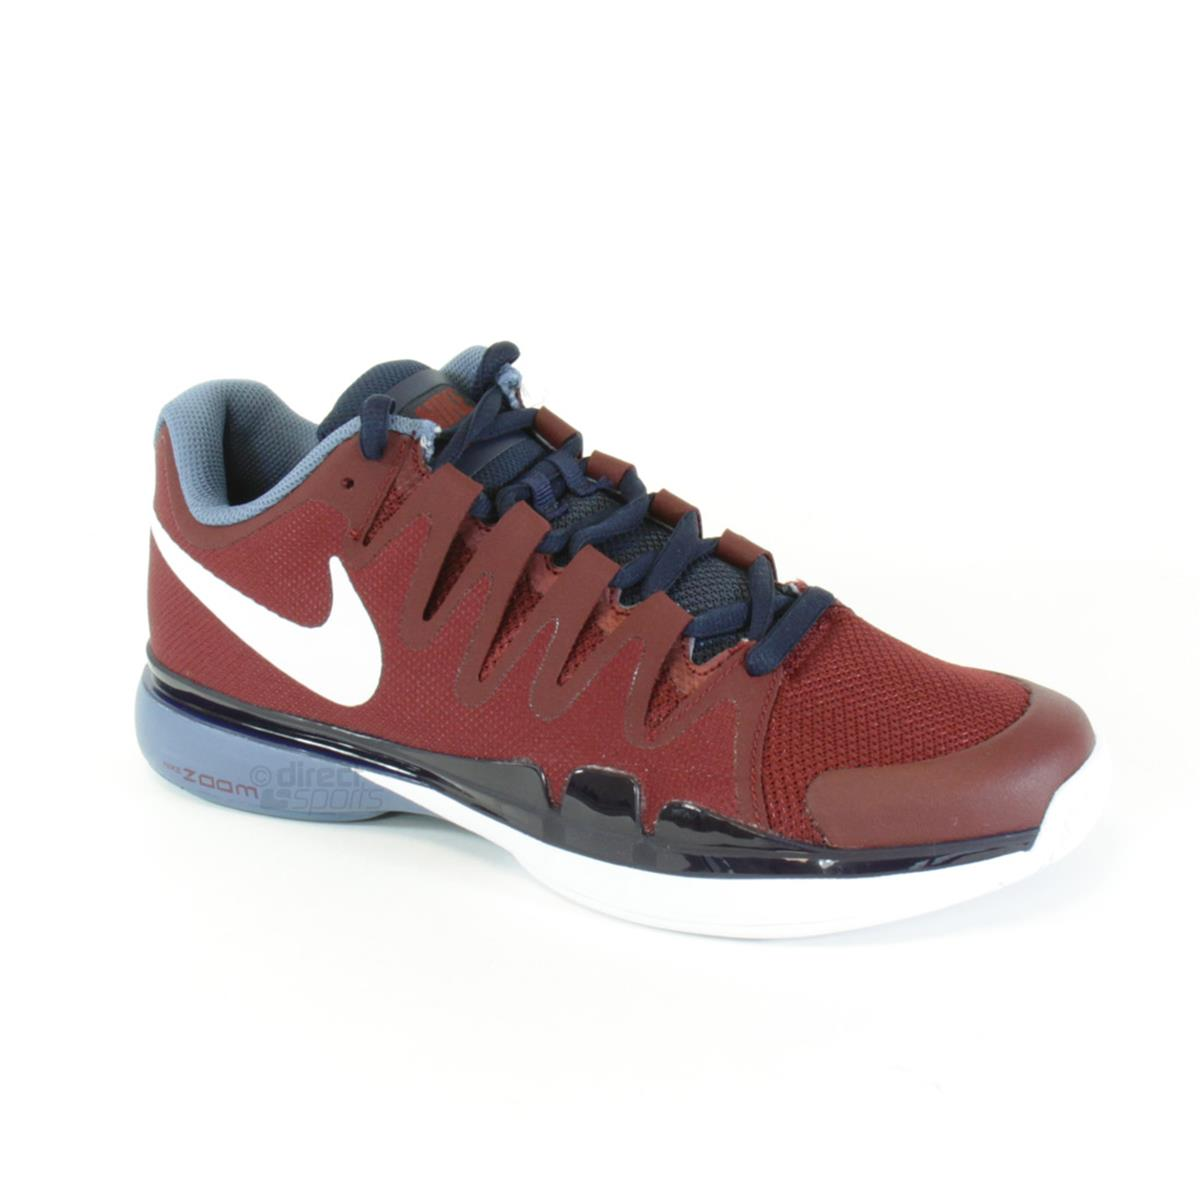 38a32ec3e87 Nike Zoom Vapor 9.5 Tour Mens Tennis Shoes (Team Red)